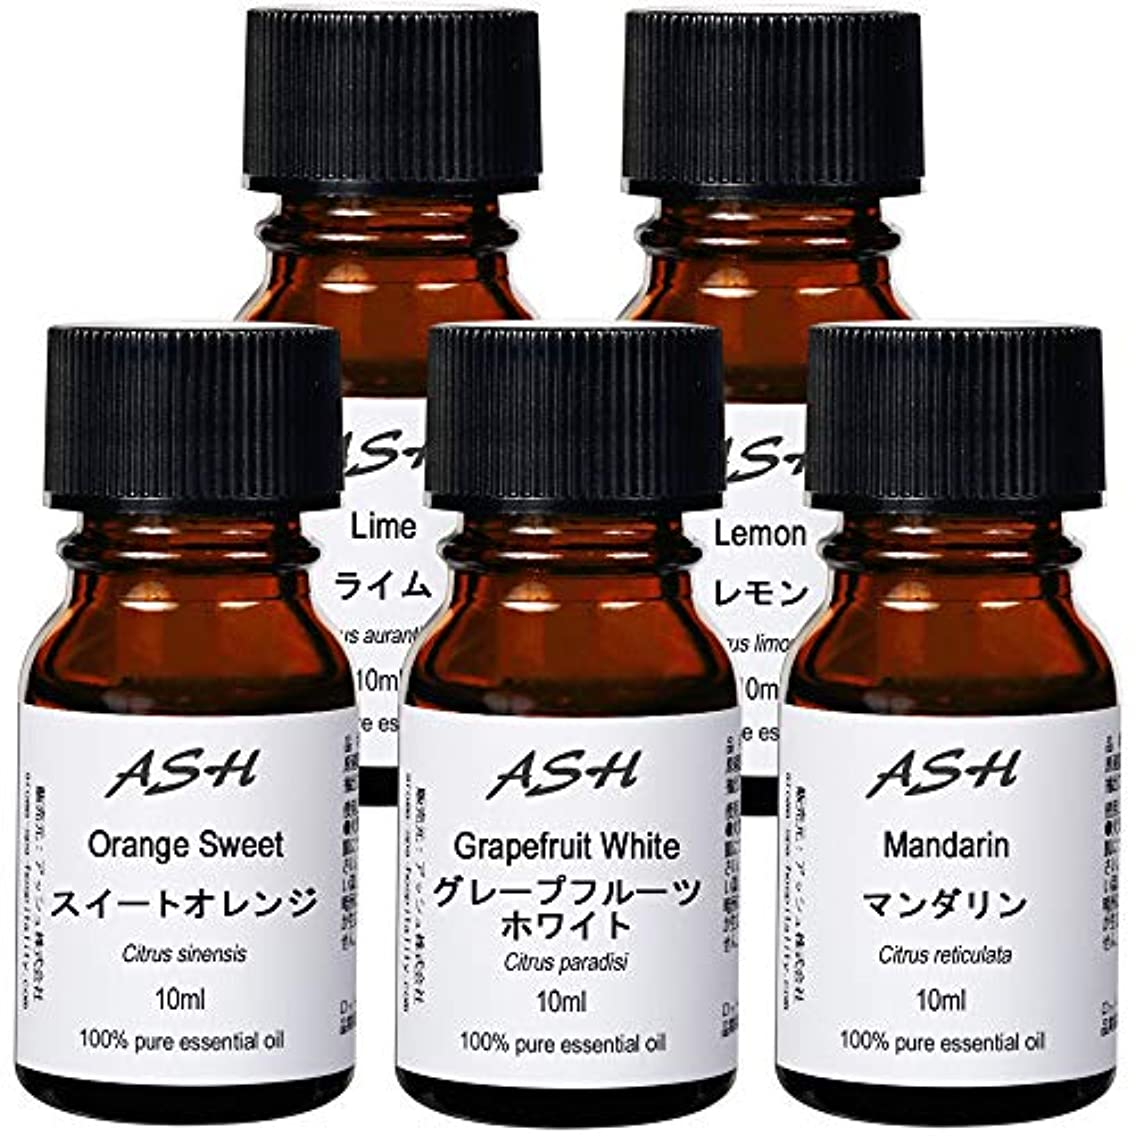 接続詞広大な束ねるASH エッセンシャルオイル C.シトラス 10mlx5本セット (グレープフルーツホワイト/スイートオレンジ/マンダリン/ライム/レモン) AEAJ認定精油